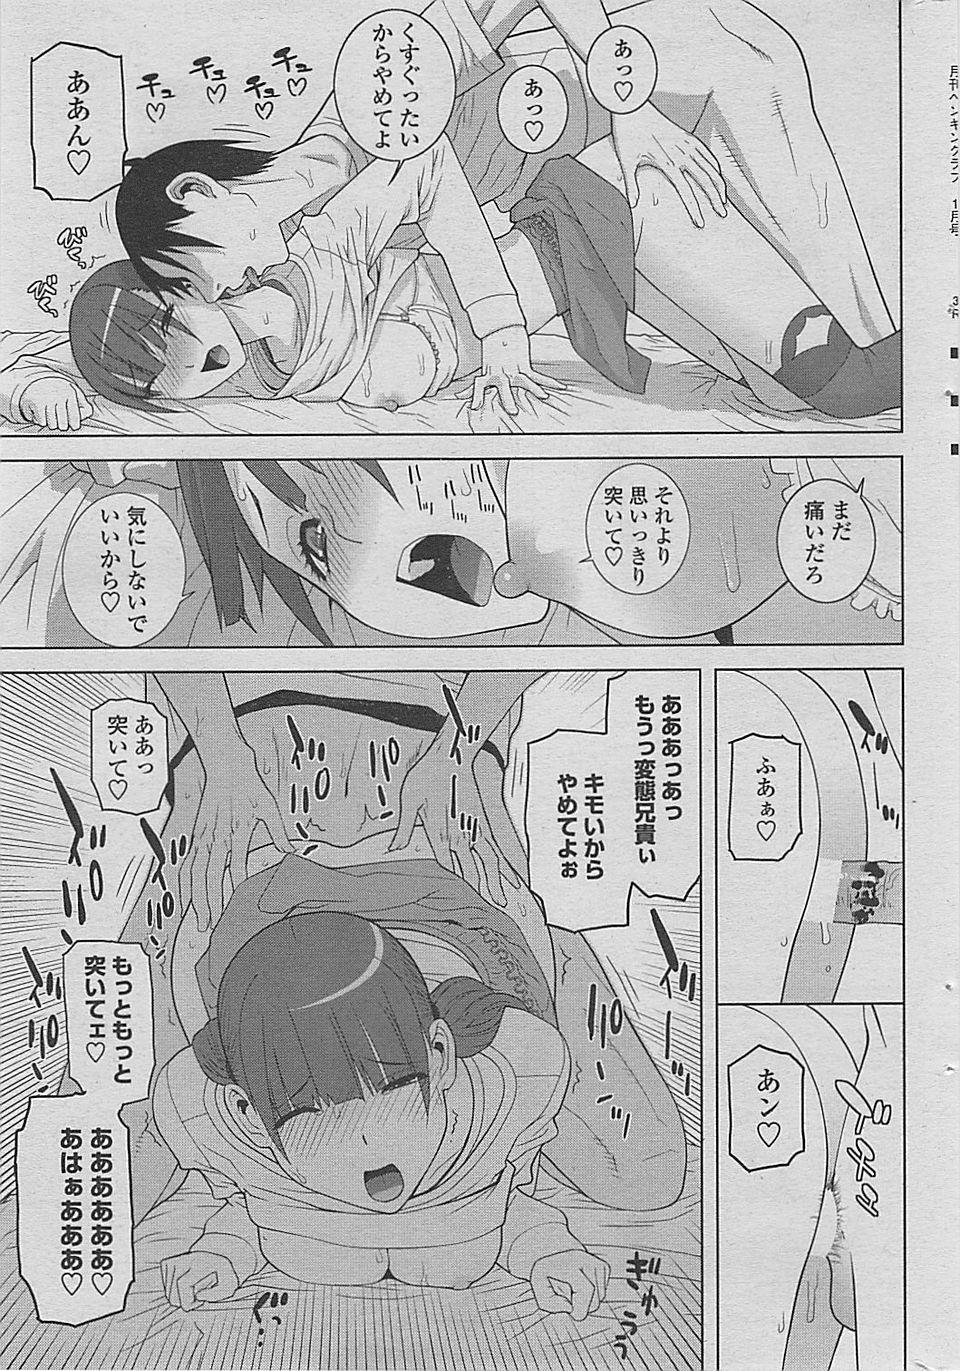 【エロ漫画・エロ同人誌】巨乳の義妹に催眠術かけてって言われたからかけてみたらかかったみたいwツンデレ全開になっちゃってセックスしちゃったwww (13)